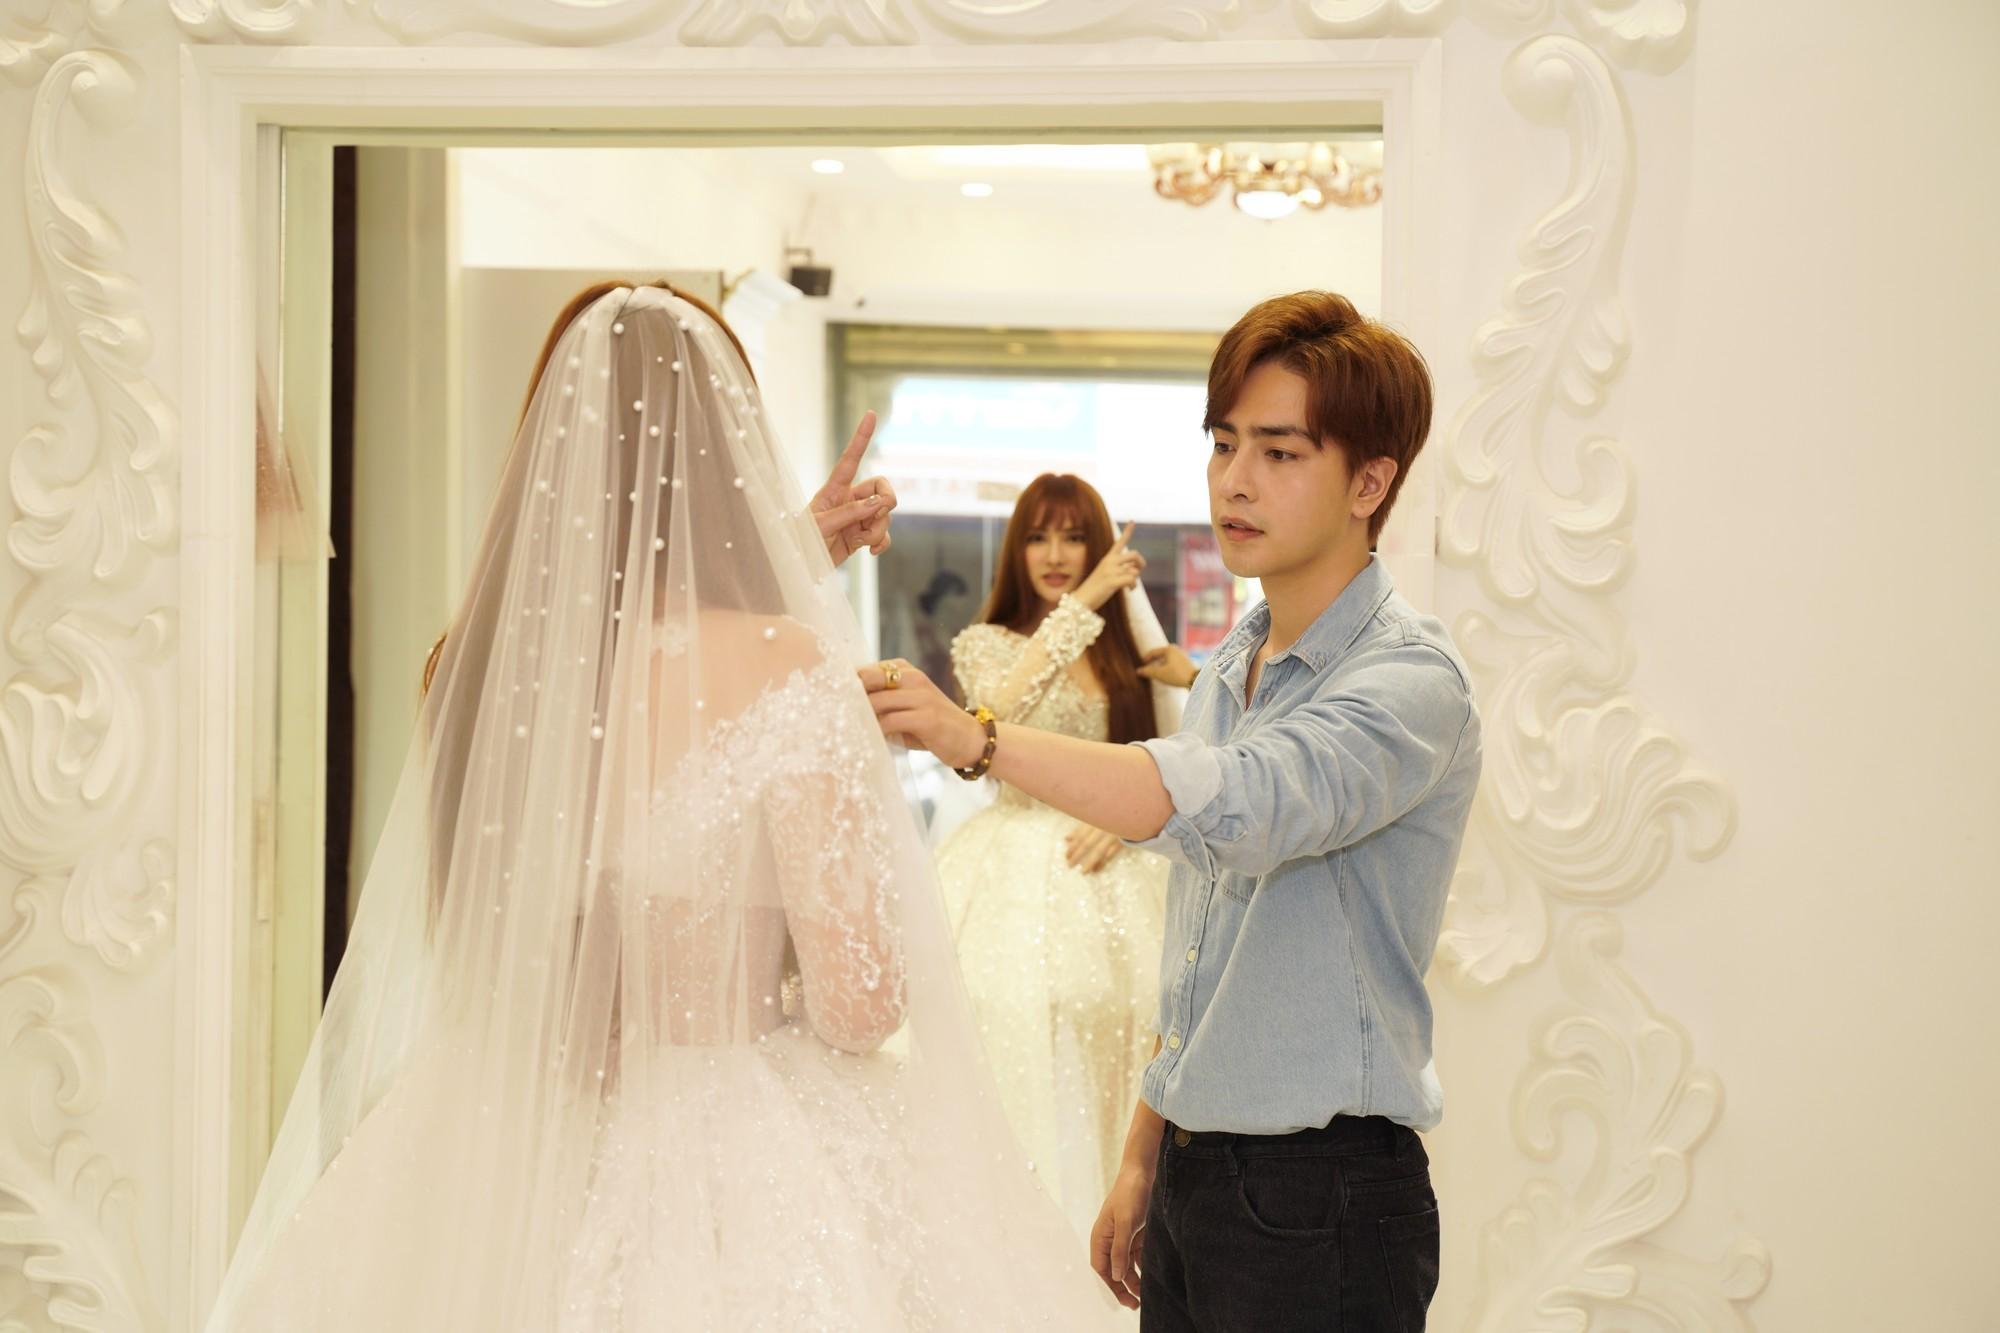 Thu Thủy chọn váy cưới rộng, khéo léo che chắn vòng 2 giữa tin đồn cưới chạy bầu - Ảnh 6.